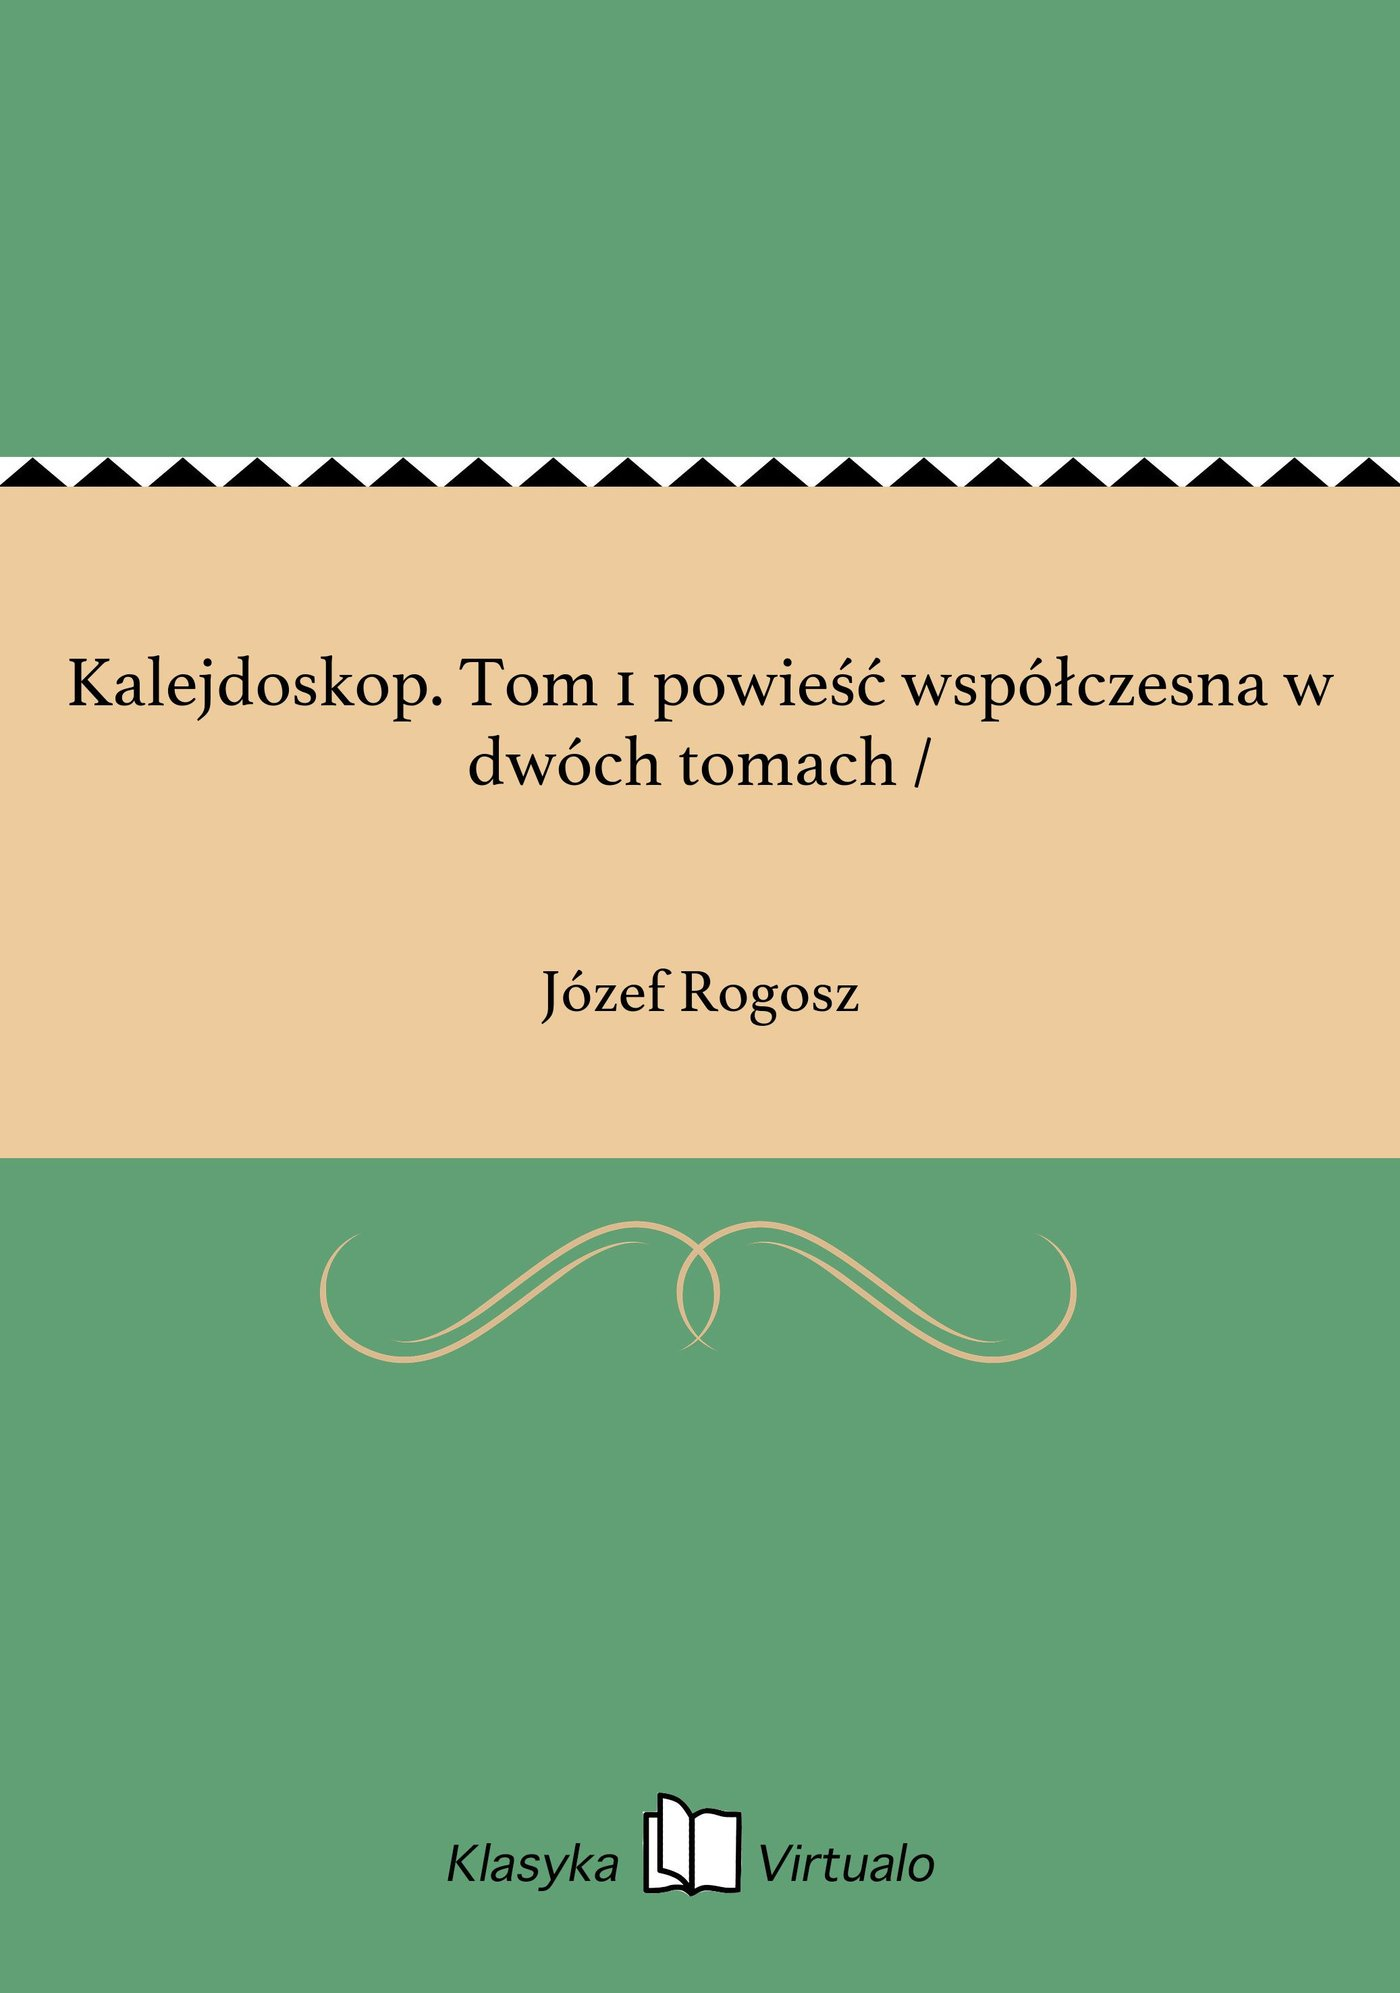 Kalejdoskop. Tom 1 powieść współczesna w dwóch tomach / - Ebook (Książka EPUB) do pobrania w formacie EPUB